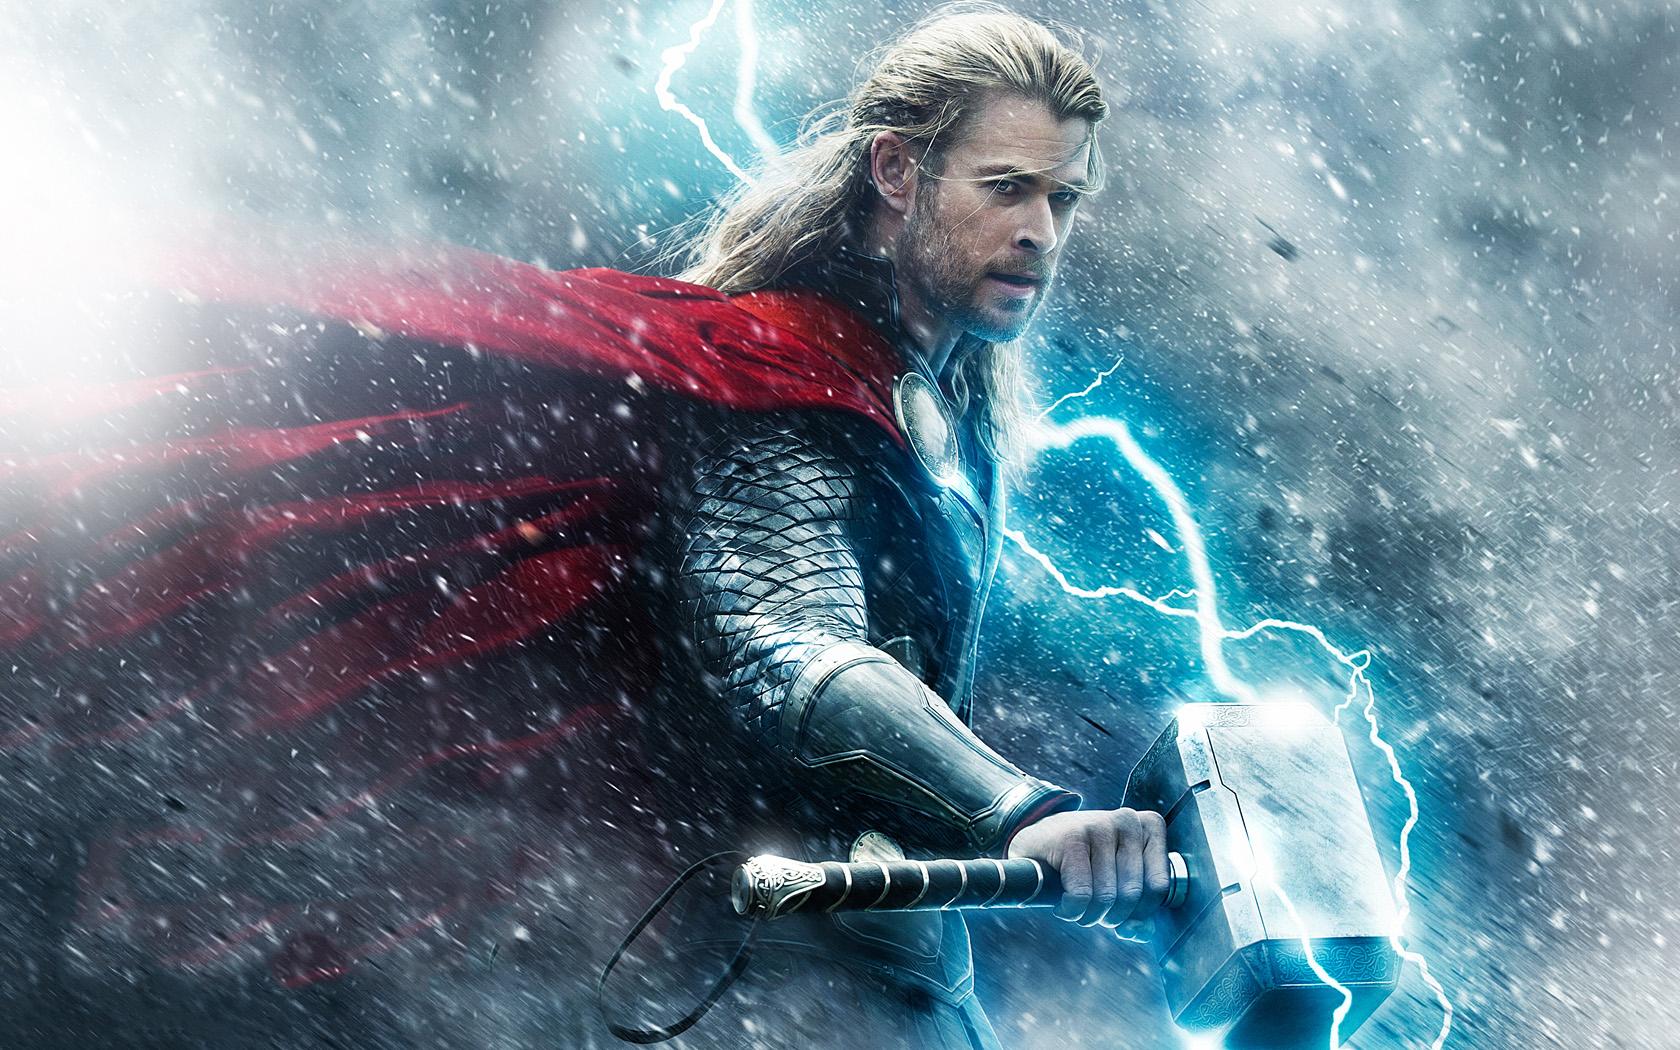 Free Thor Wallpaper